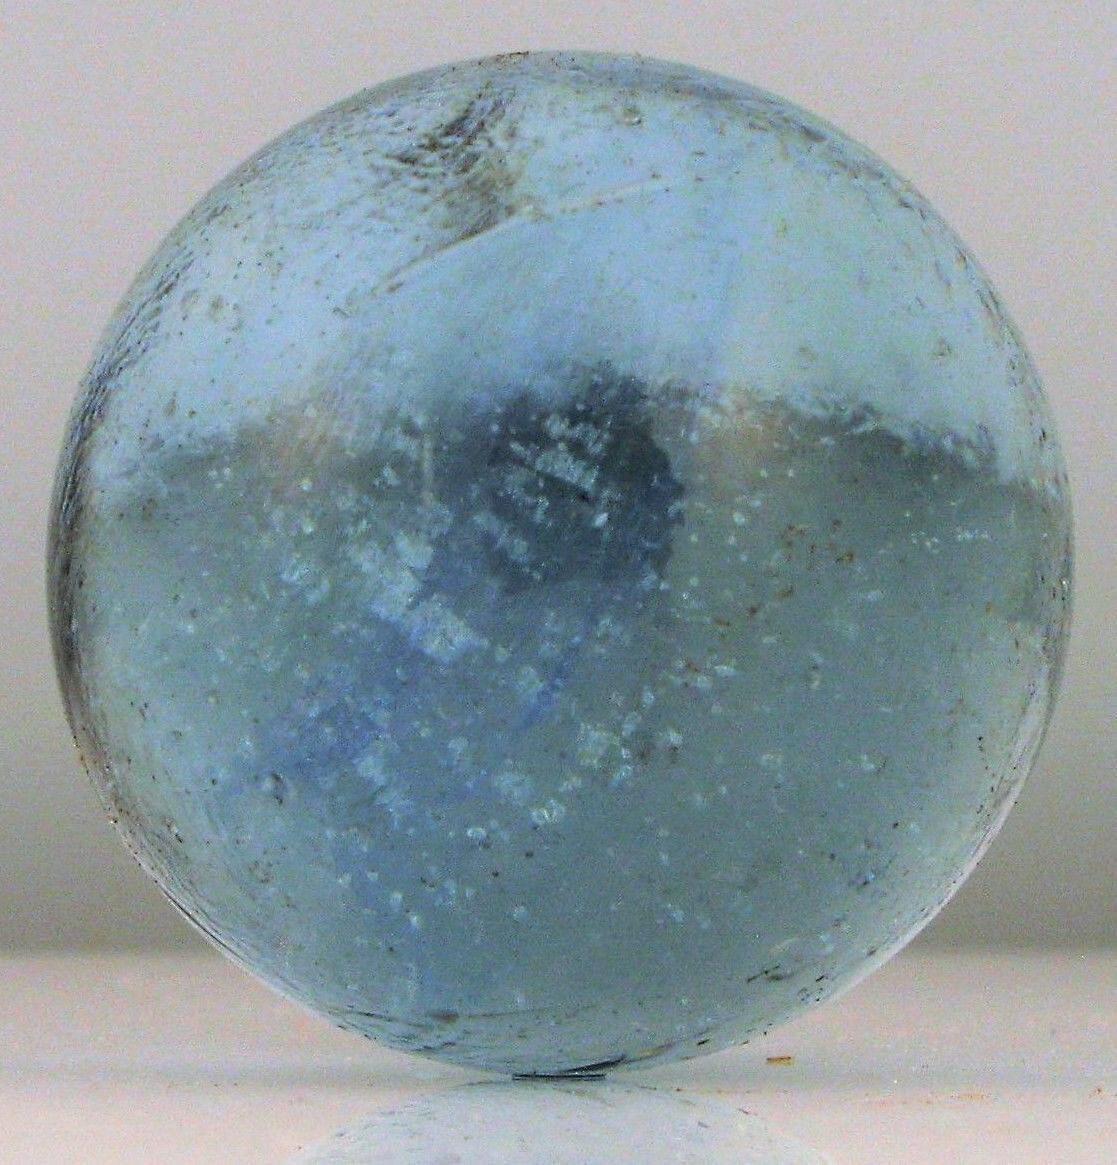 Antiguo Alemán Canicas Soplado a Mano Vaso Beautiful Azul Remolinos Burbujas